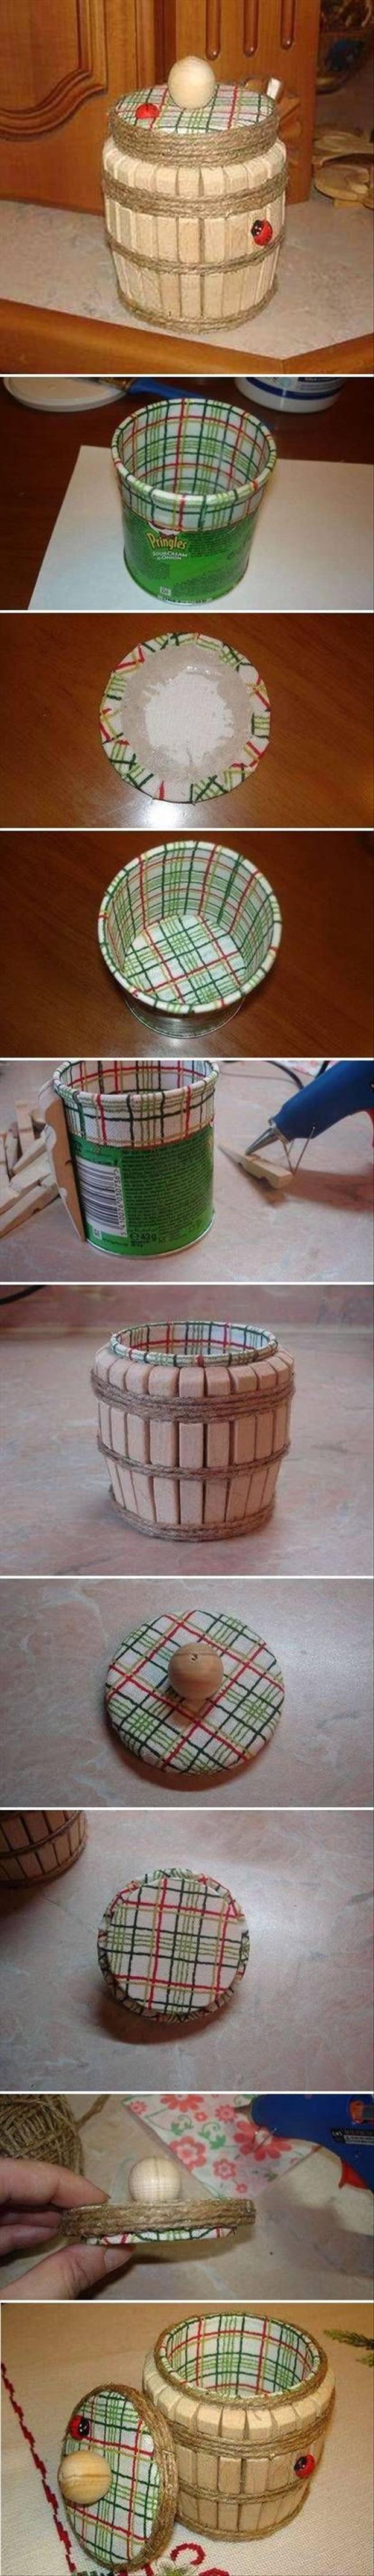 Reciclando una lata de Papas Pringles